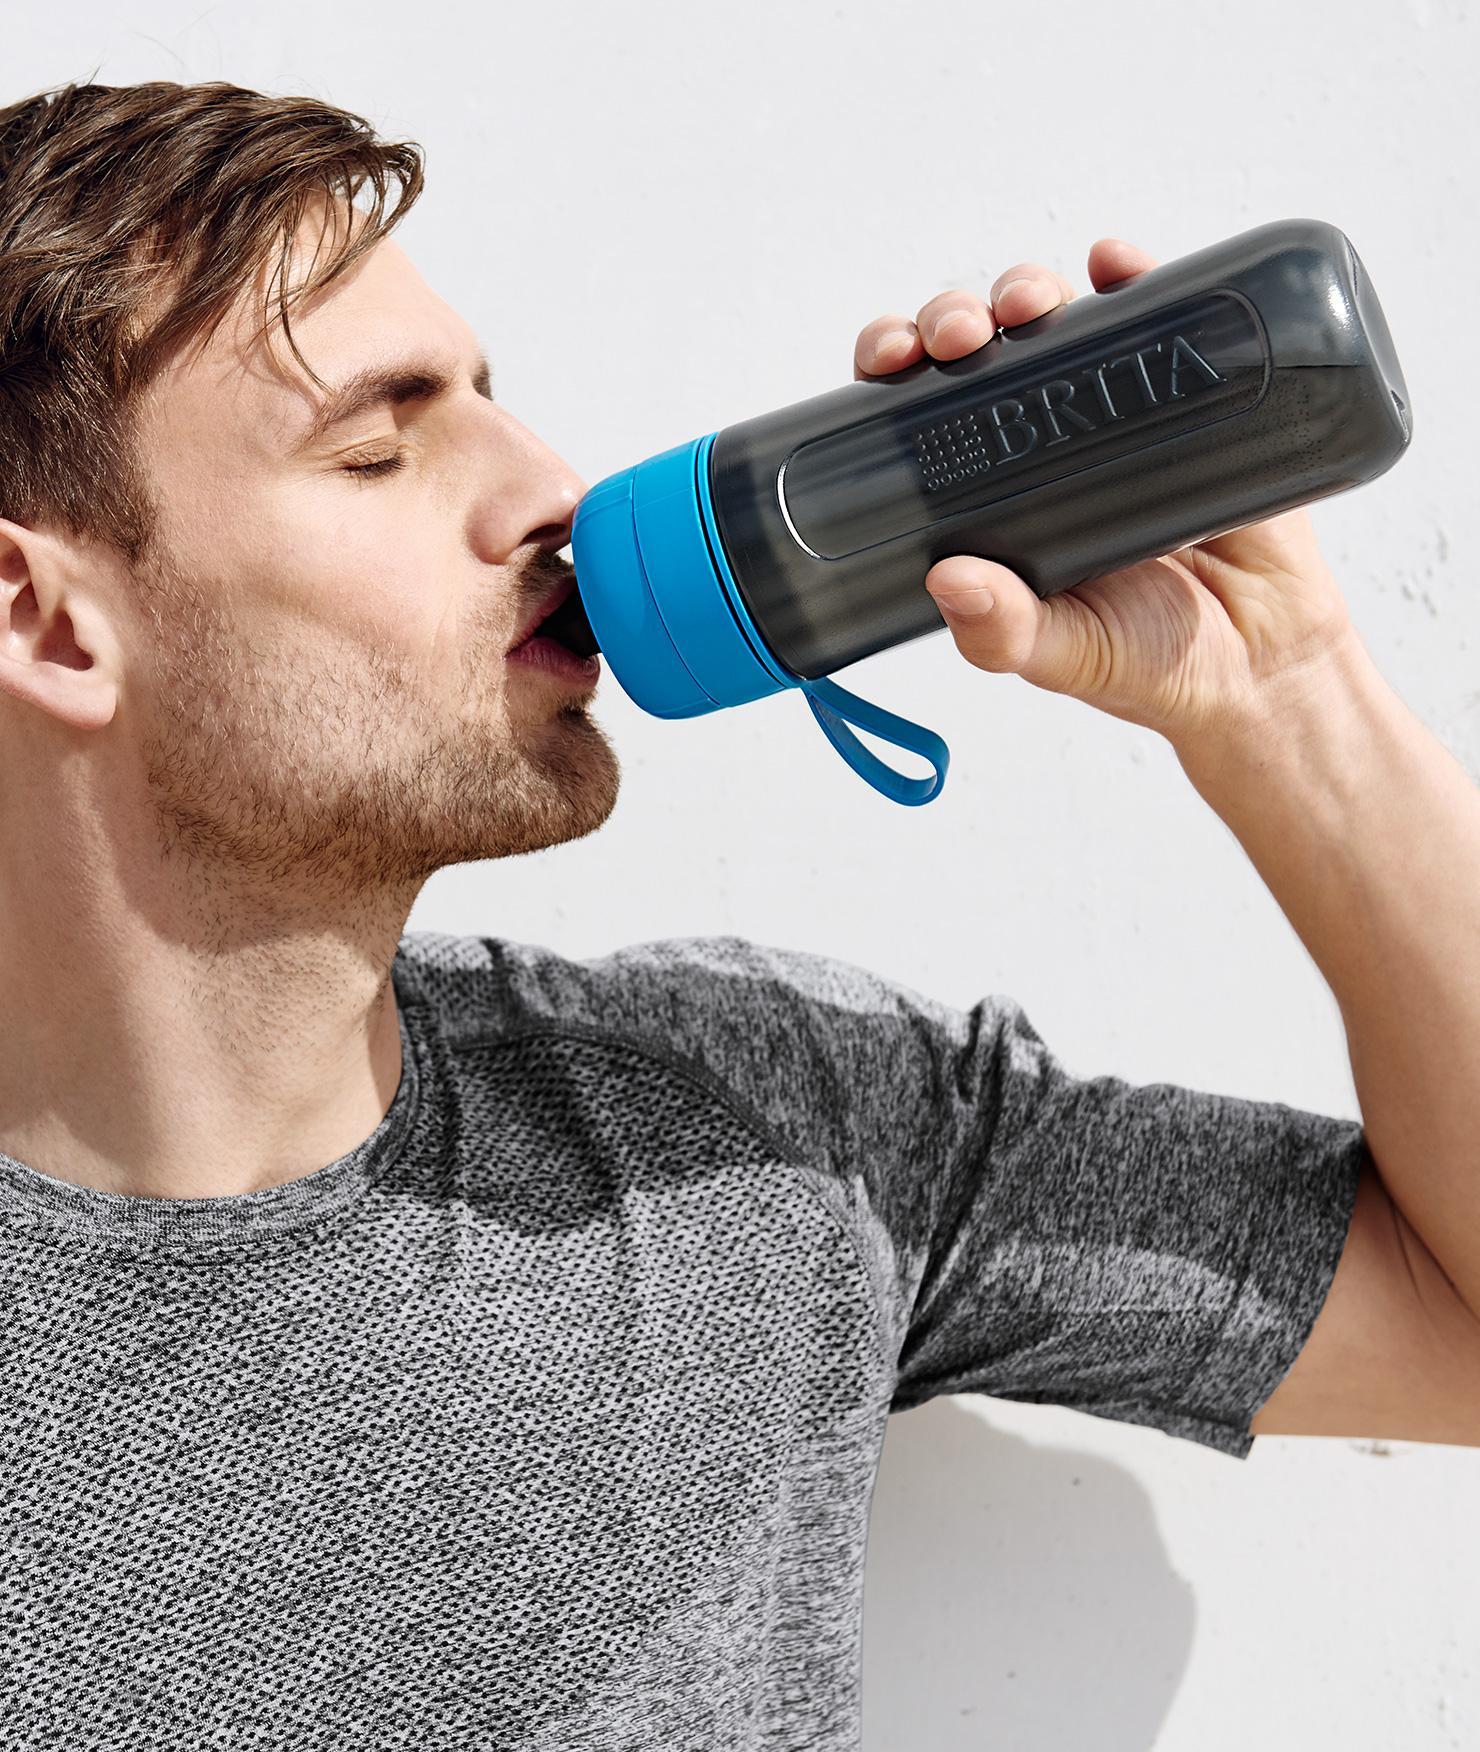 BRITA indywidualne nawodnienie mężczyzna pije wodę